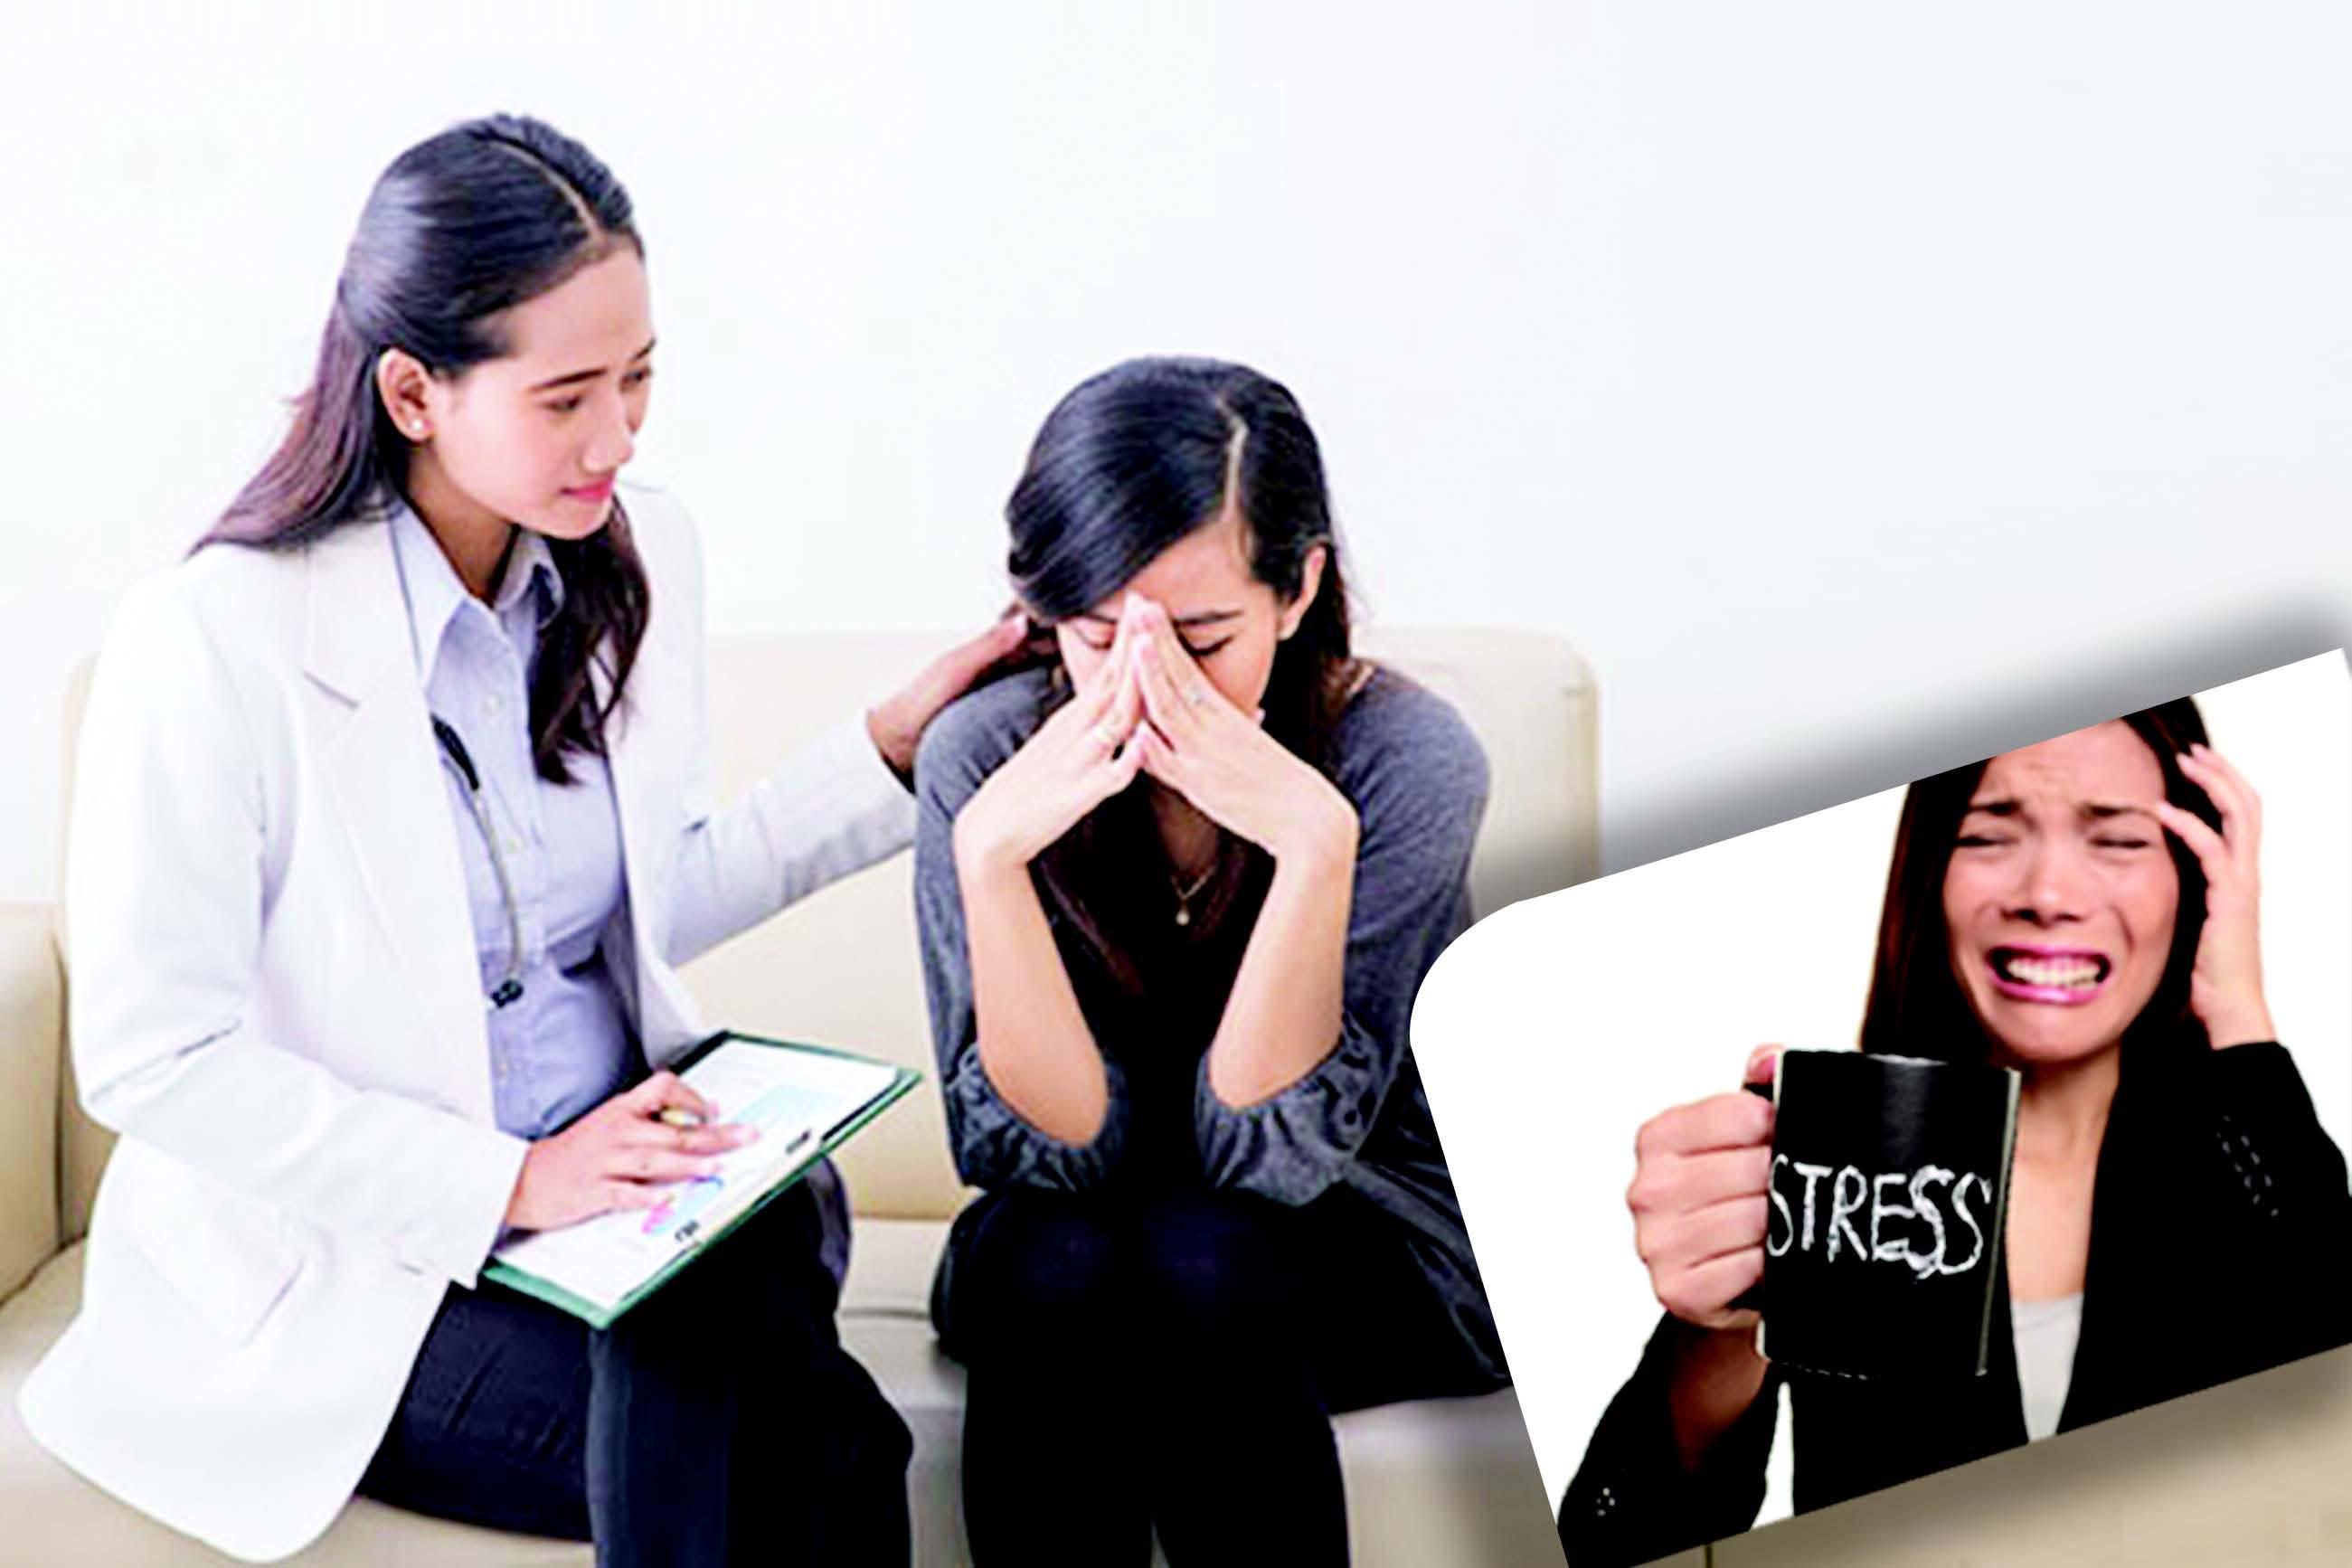 roi_loan_stress_sau_sang_chan.jpg